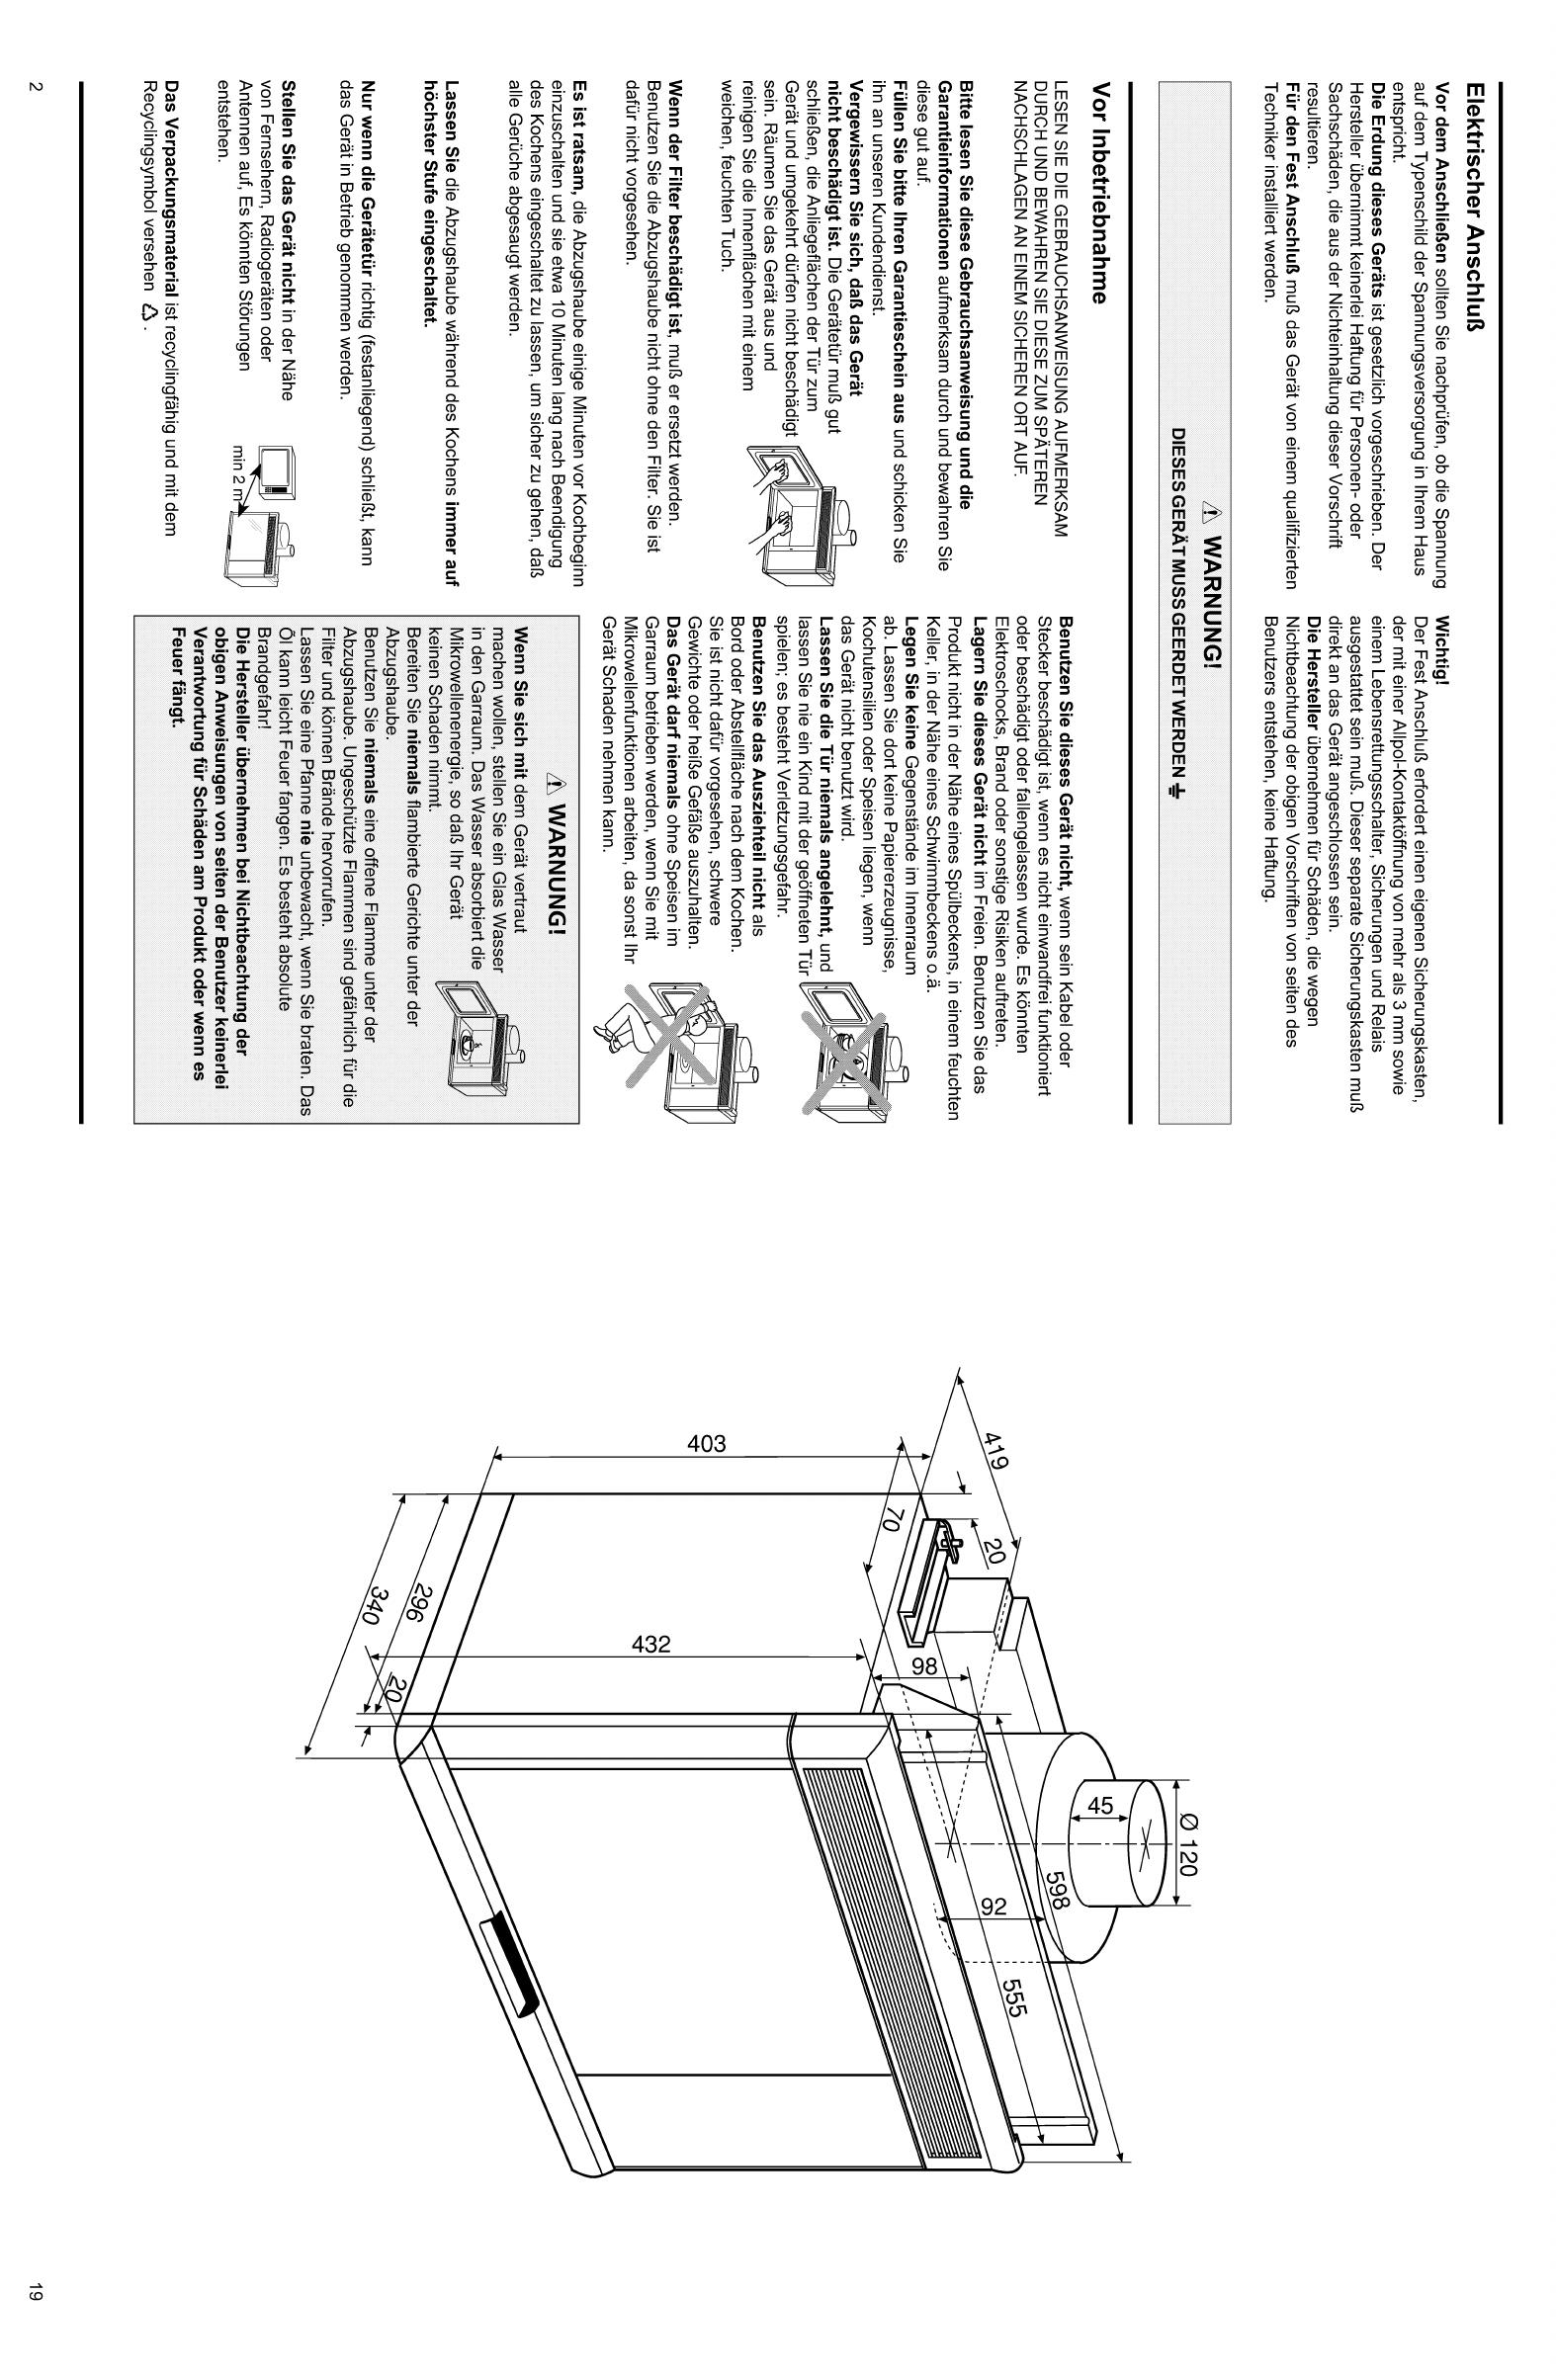 bedienungsanleitung bauknecht mnc 4113 afzuig seite 4 von 12 deutsch. Black Bedroom Furniture Sets. Home Design Ideas